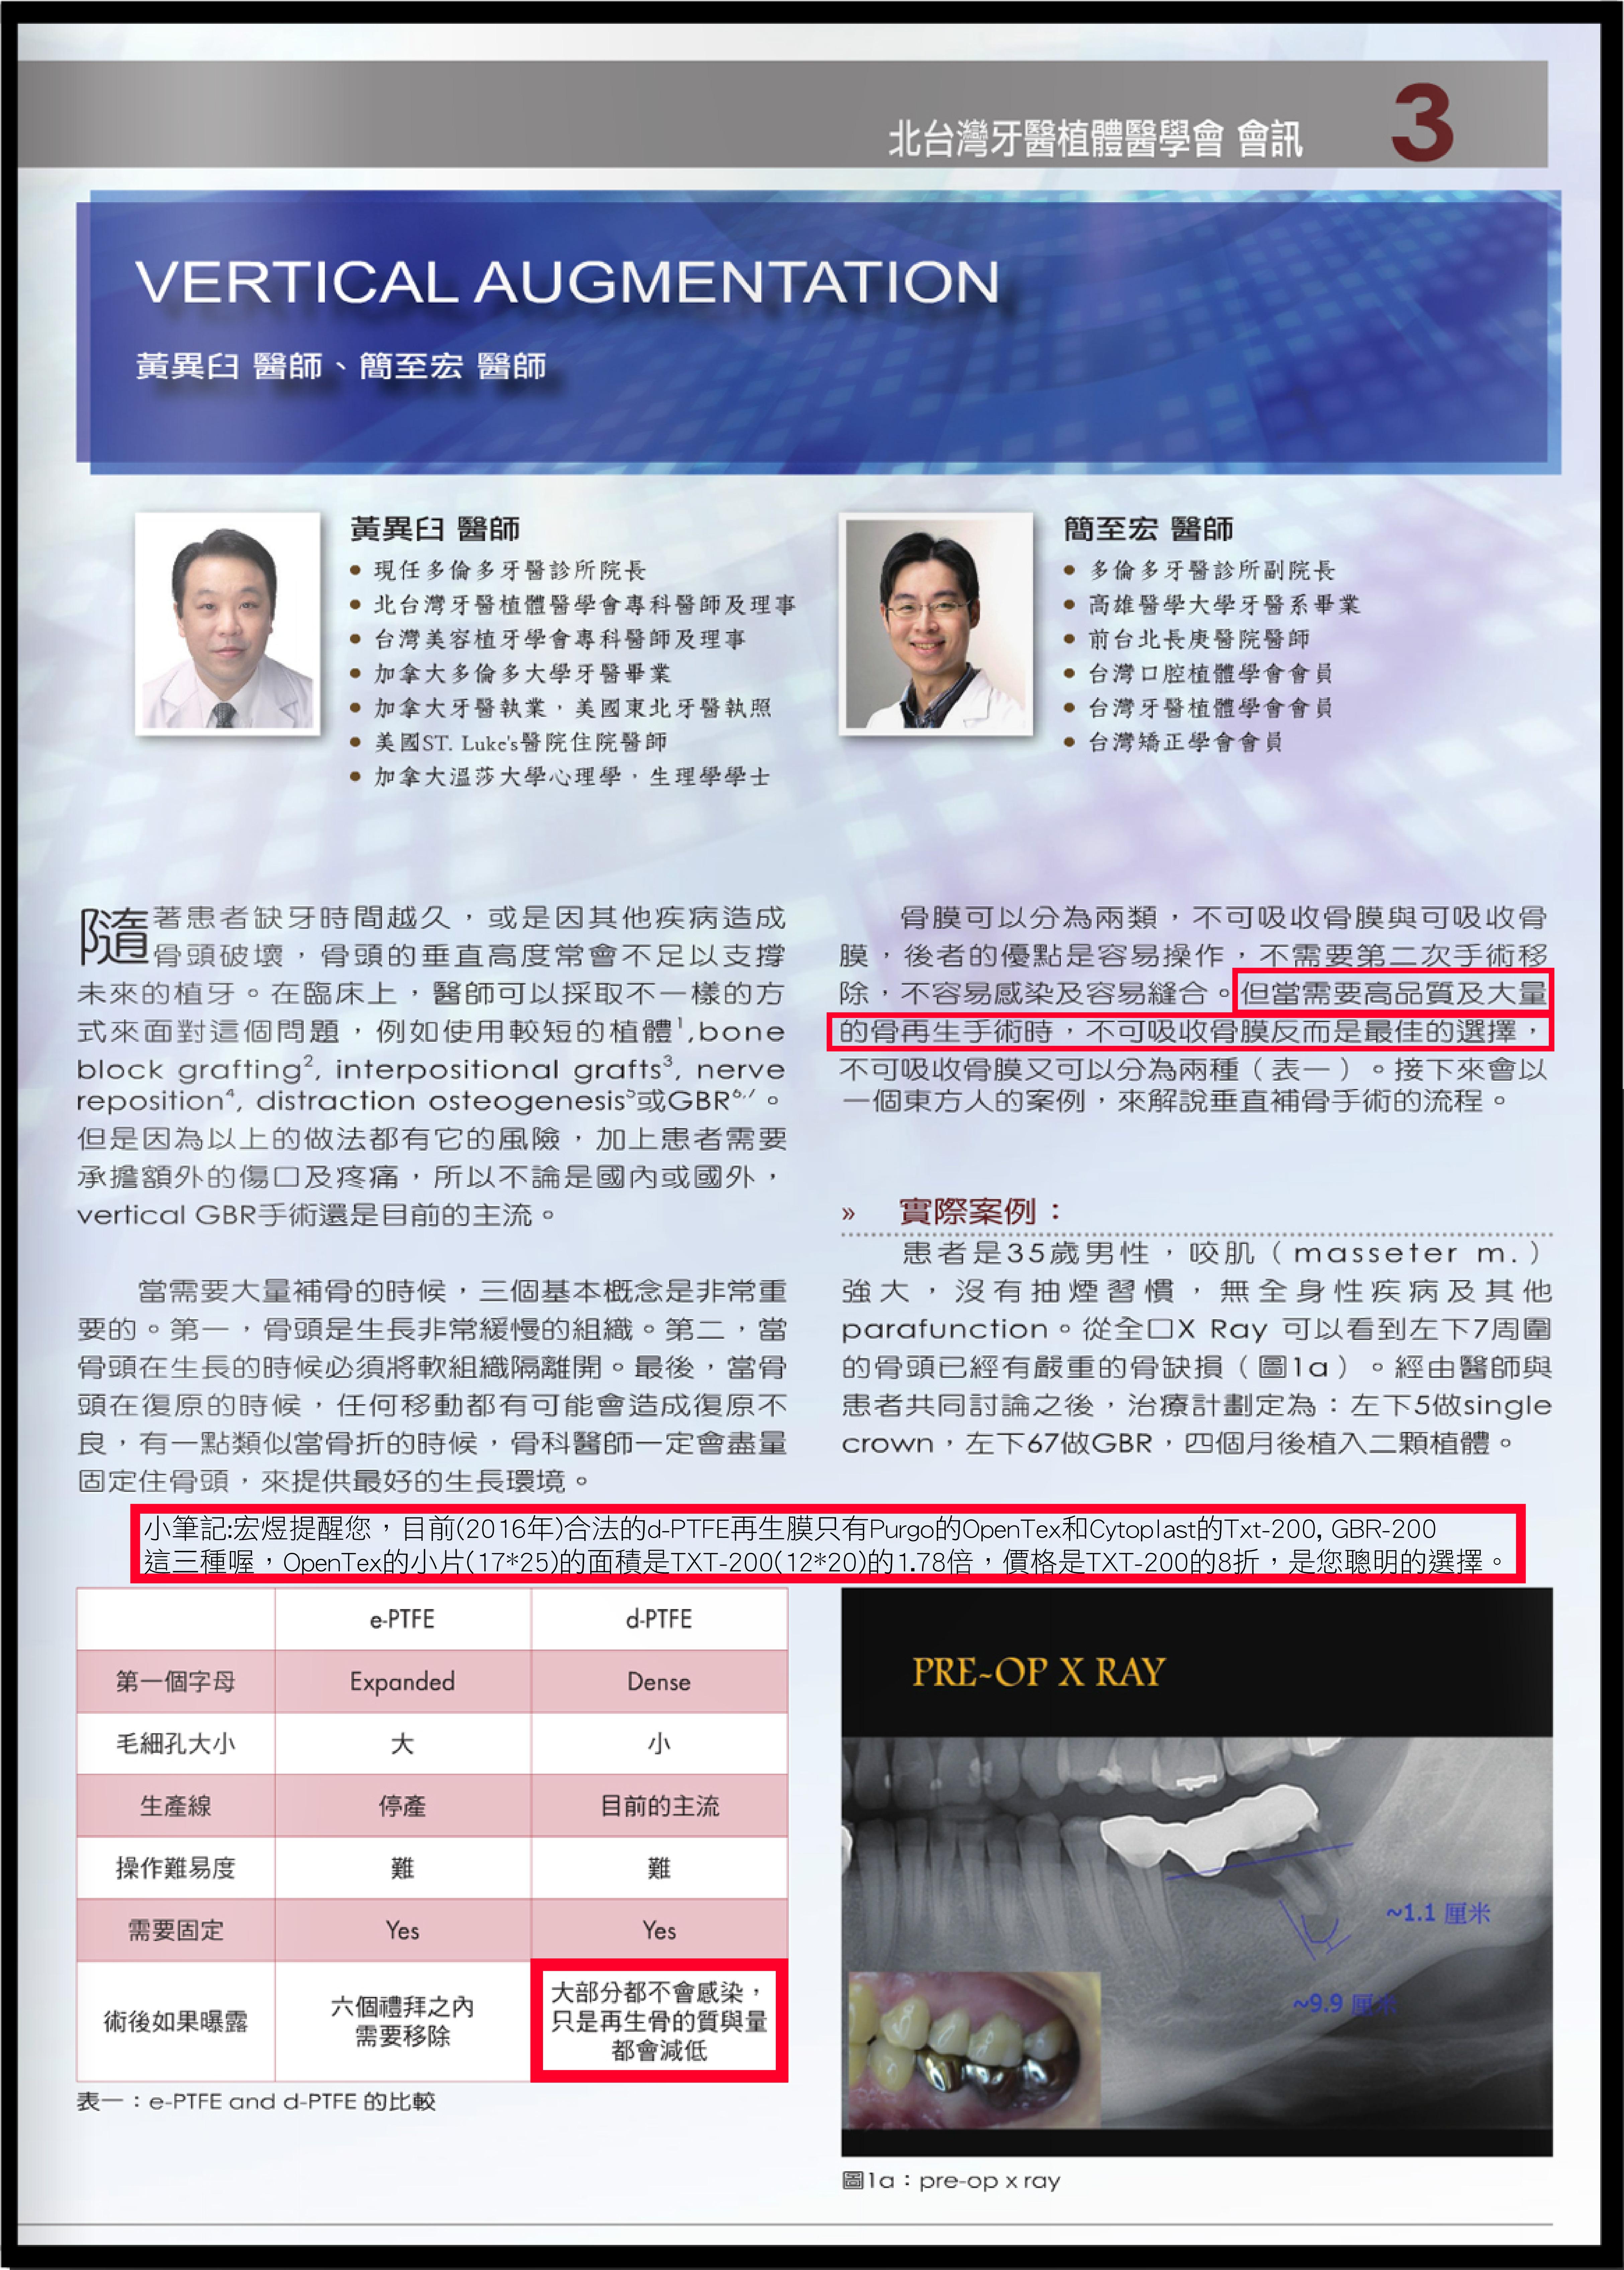 介紹d-PTFE和e-PTFE優缺點 資料來源:北台灣牙醫植體學會會訊 黃異臼 簡至宏